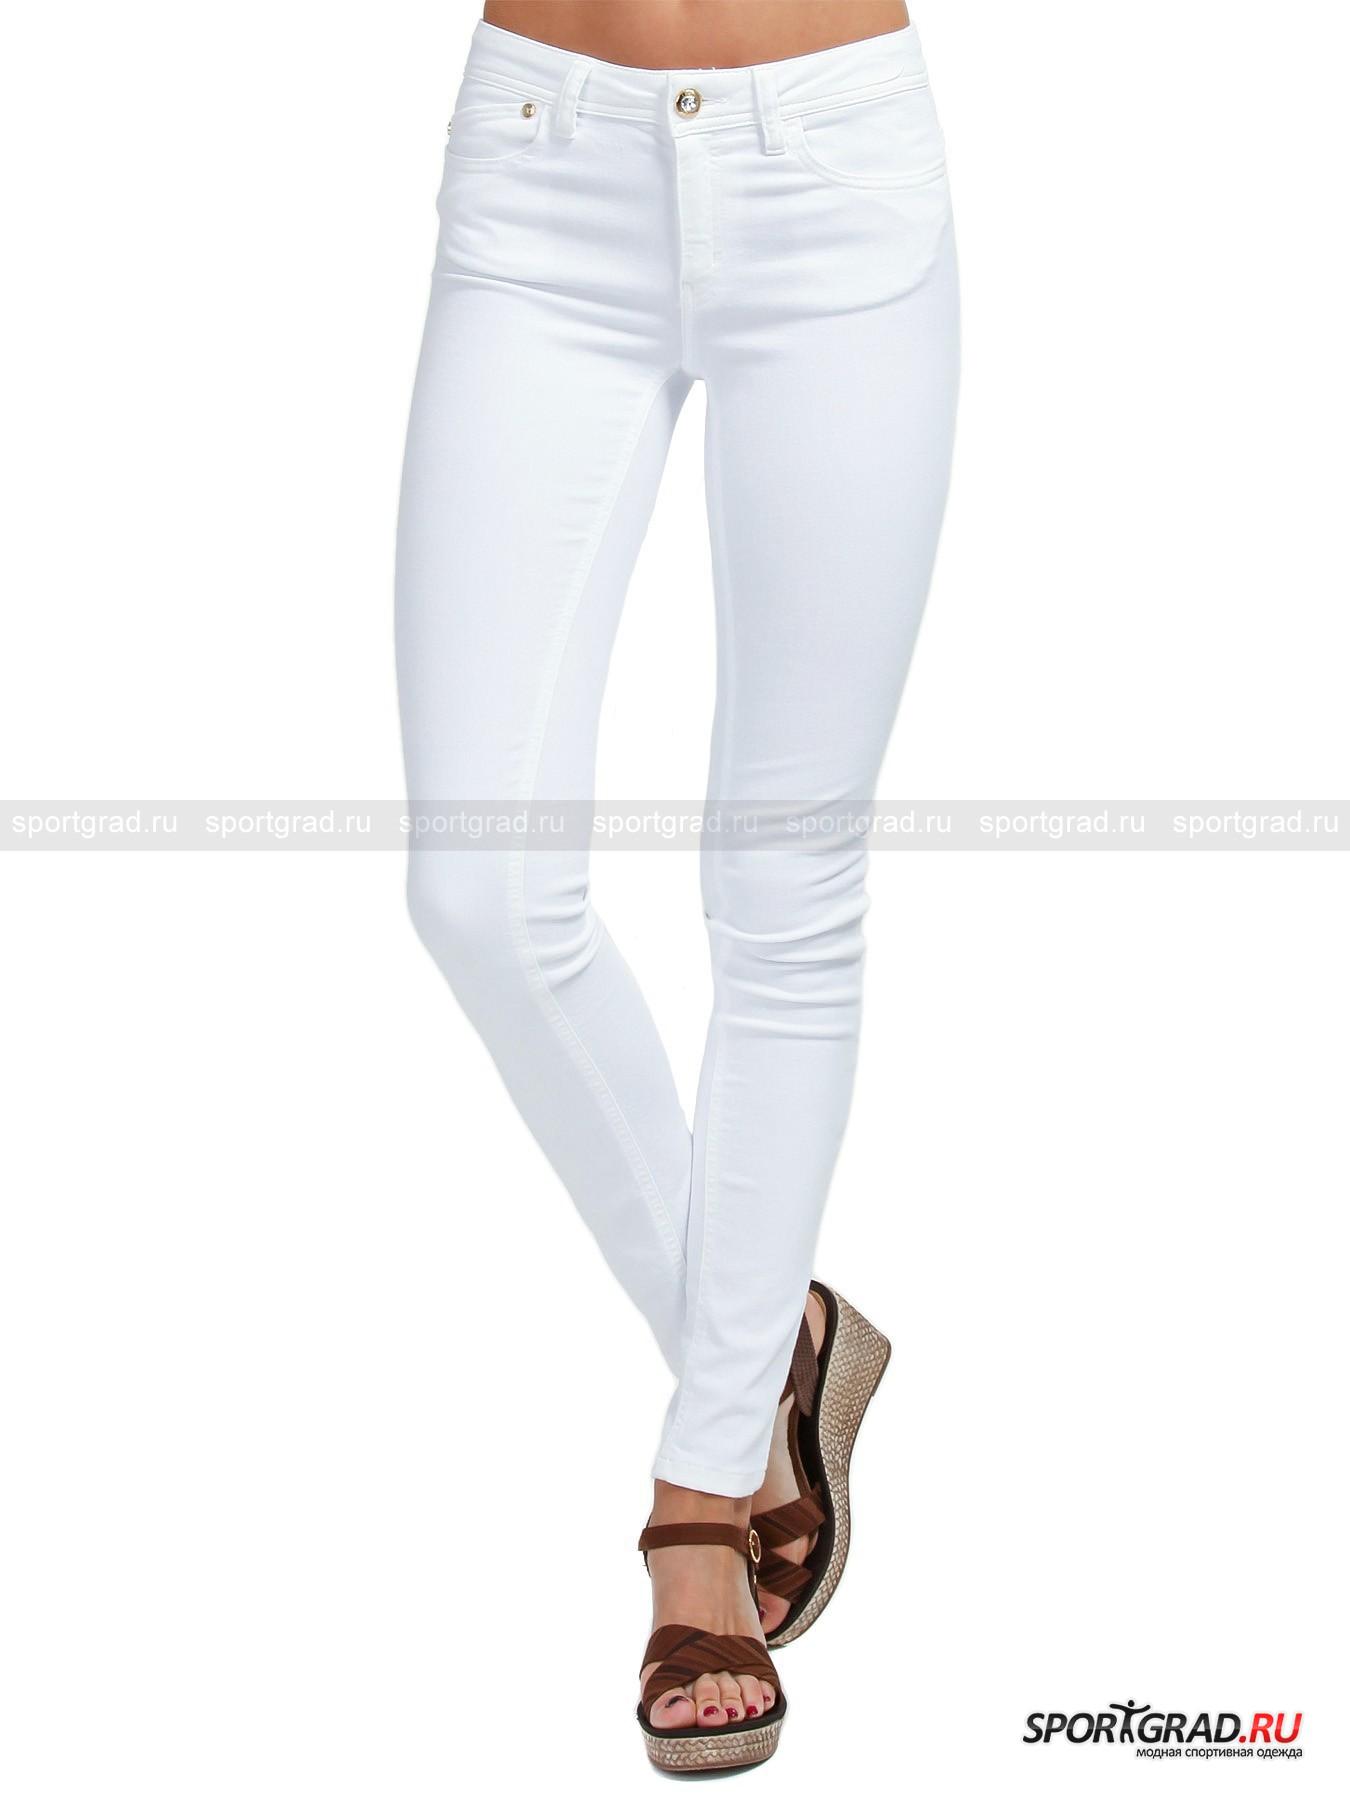 Джинсы женские облегающие JUST CAVALLI с декорированным карманомБрюки<br>Белоснежные женские джинсы-скинни JUST CAVALLI с эффектно декорированным задним карманом, расшитым под шкуру леопарда пайетками, - модель, в которой все будут на Вас заглядываться! Облегающее, зрительно стройнящее и моделирующее за счет кокетки сзади аппетитный контур ягодиц, изделие потрясающе сидит на ногах. При этом оно совершенно не влияет на ходьбу или удобство движений (к примеру, когда Вы присаживаетесь на стул или нагибаетесь поднять оброненную вещь, джинсы не стесняют Вашего комфорта по причине своей плотной, но очень эластичной фактуры).<br><br>Модель имеет:<br>- прочный притачной пояс, снабженный шлевками, в которые можно при желании продеть ремень;<br>- фронтальный разрез на молнии, дополненный двойной защитной планкой и фирменной пуговицей со стразой (запасная имеется в прозрачной пакетике); <br>- три прорезных кармана спереди (самый маленький украшен металлическими клепками) и два накладных сзади.<br>Длина изделия по боковому шву с учетом пояса ок. 102, 5 см, ширина пояса 37 см, ширина в бедрах 37, 5 см (размер 27).<br><br>Пол: Женский<br>Возраст: Взрослый<br>Тип: Брюки<br>Рекомендации по уходу: Изделию показана стирка при температуре строго 30° и глажка при температуре, не превышающей 110°. Запрещено отбеливание, химчистка и сушка в стиральной машине или электросушилке для белья.<br>Состав: 55% хлопок, 42% полиэстер, 3% эластан